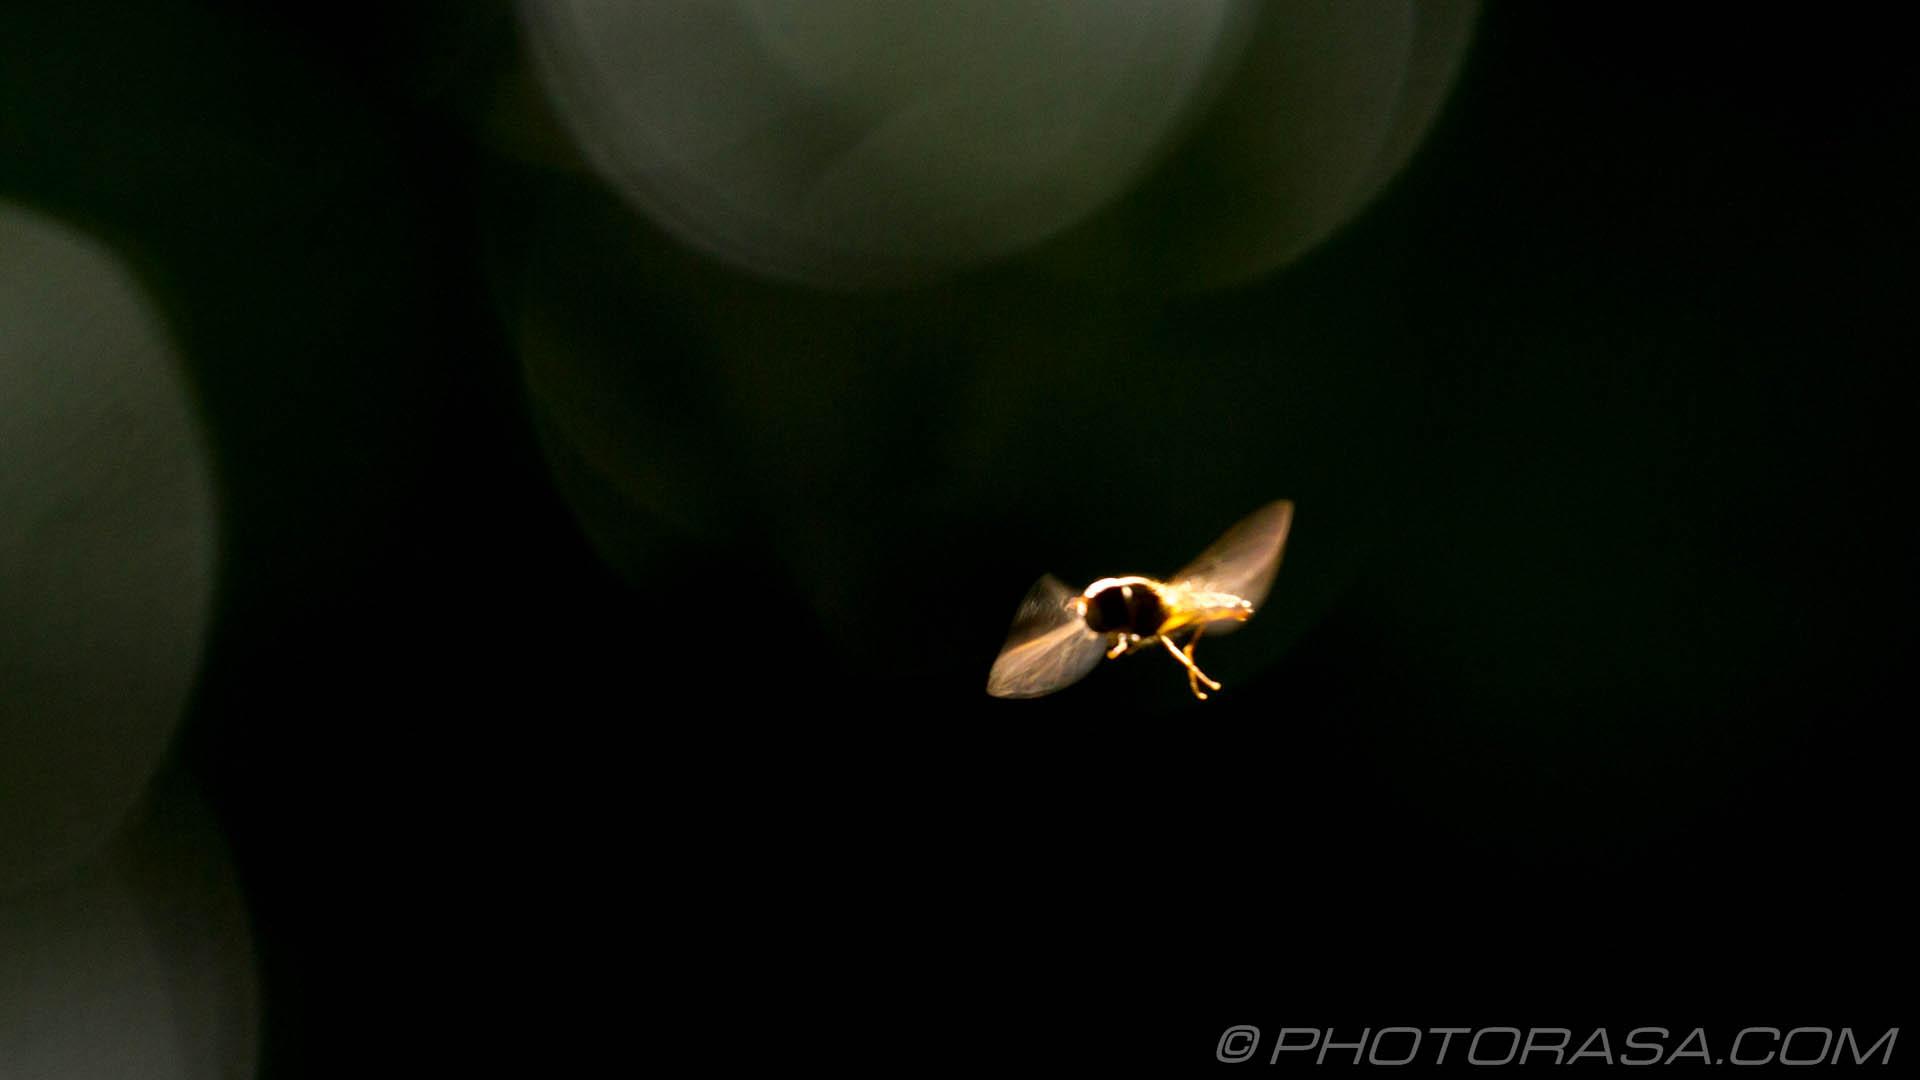 https://photorasa.com/hoverflies/hoverfly-in-flight/